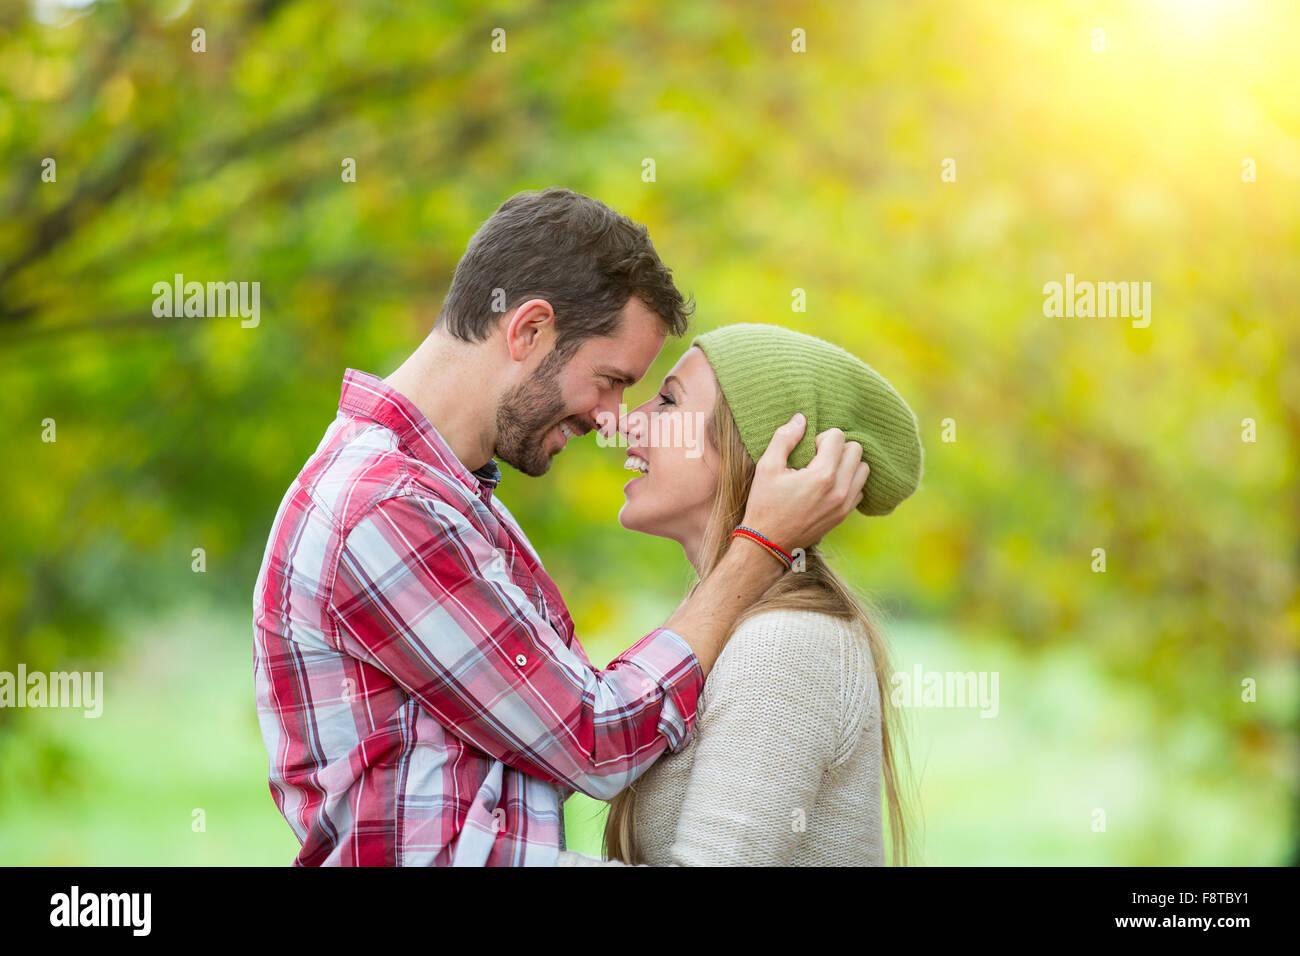 Coppia giovane dating in foresta Immagini Stock